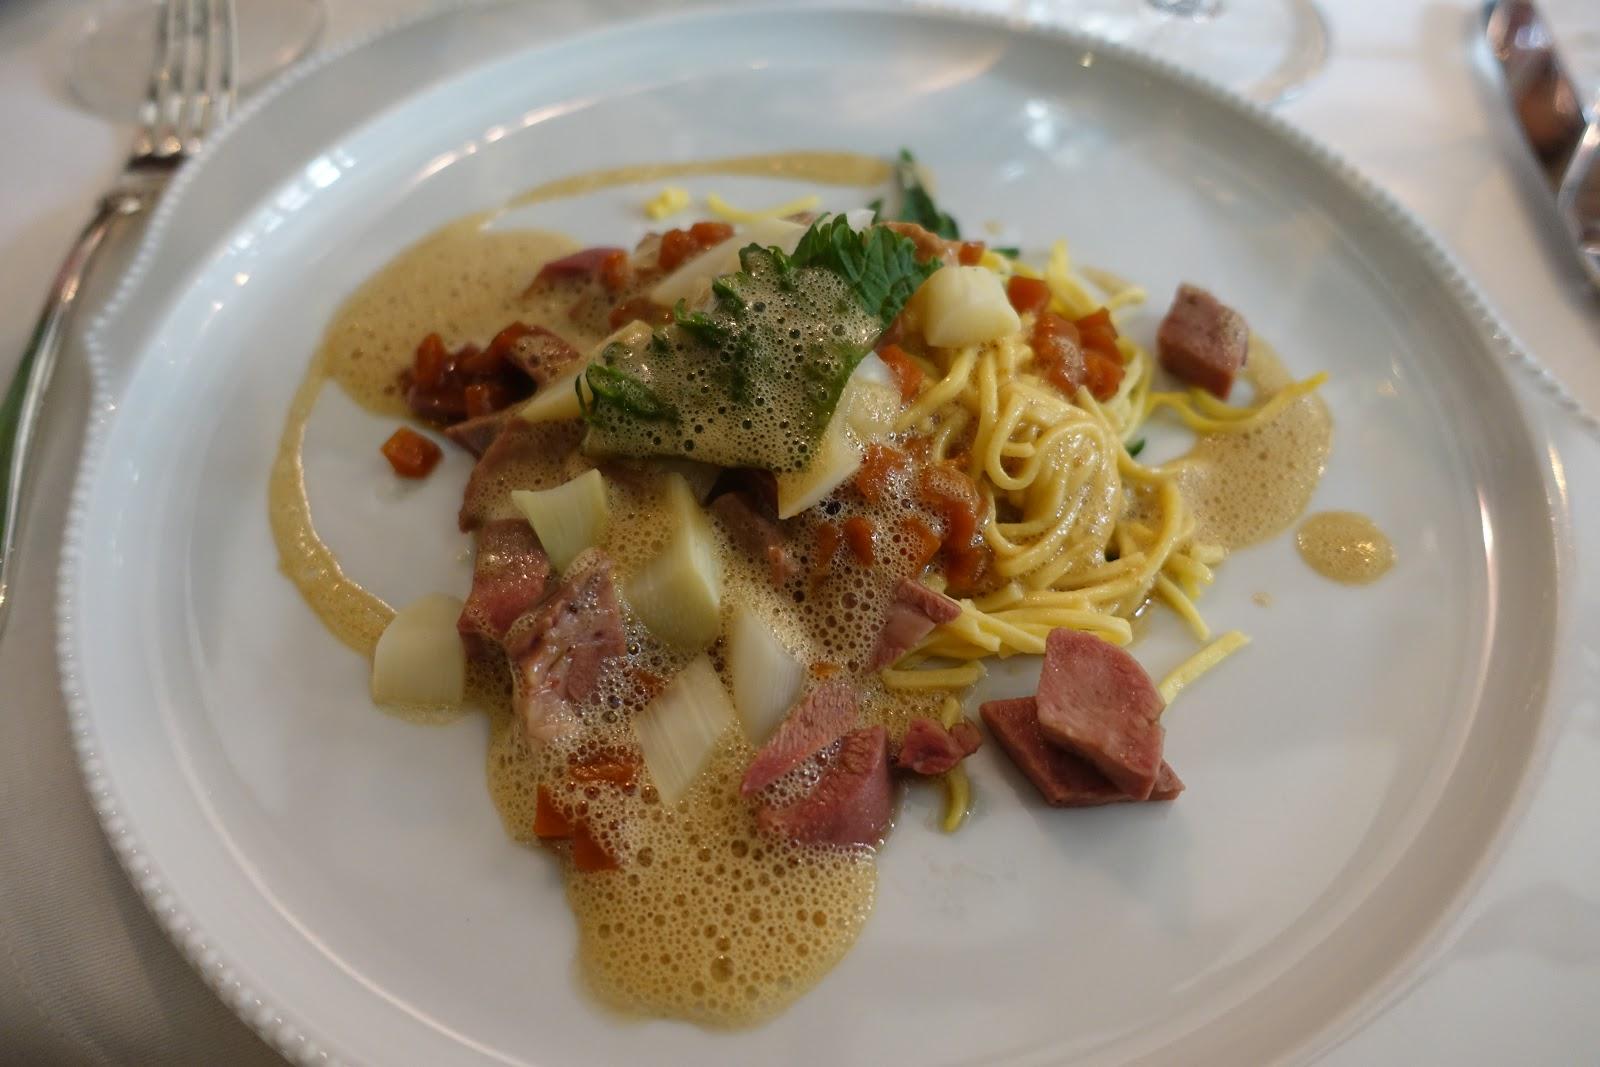 schiller-wine: Hattenheim/ Rheingau: Lunch in 3 Restaurants with 3 ...